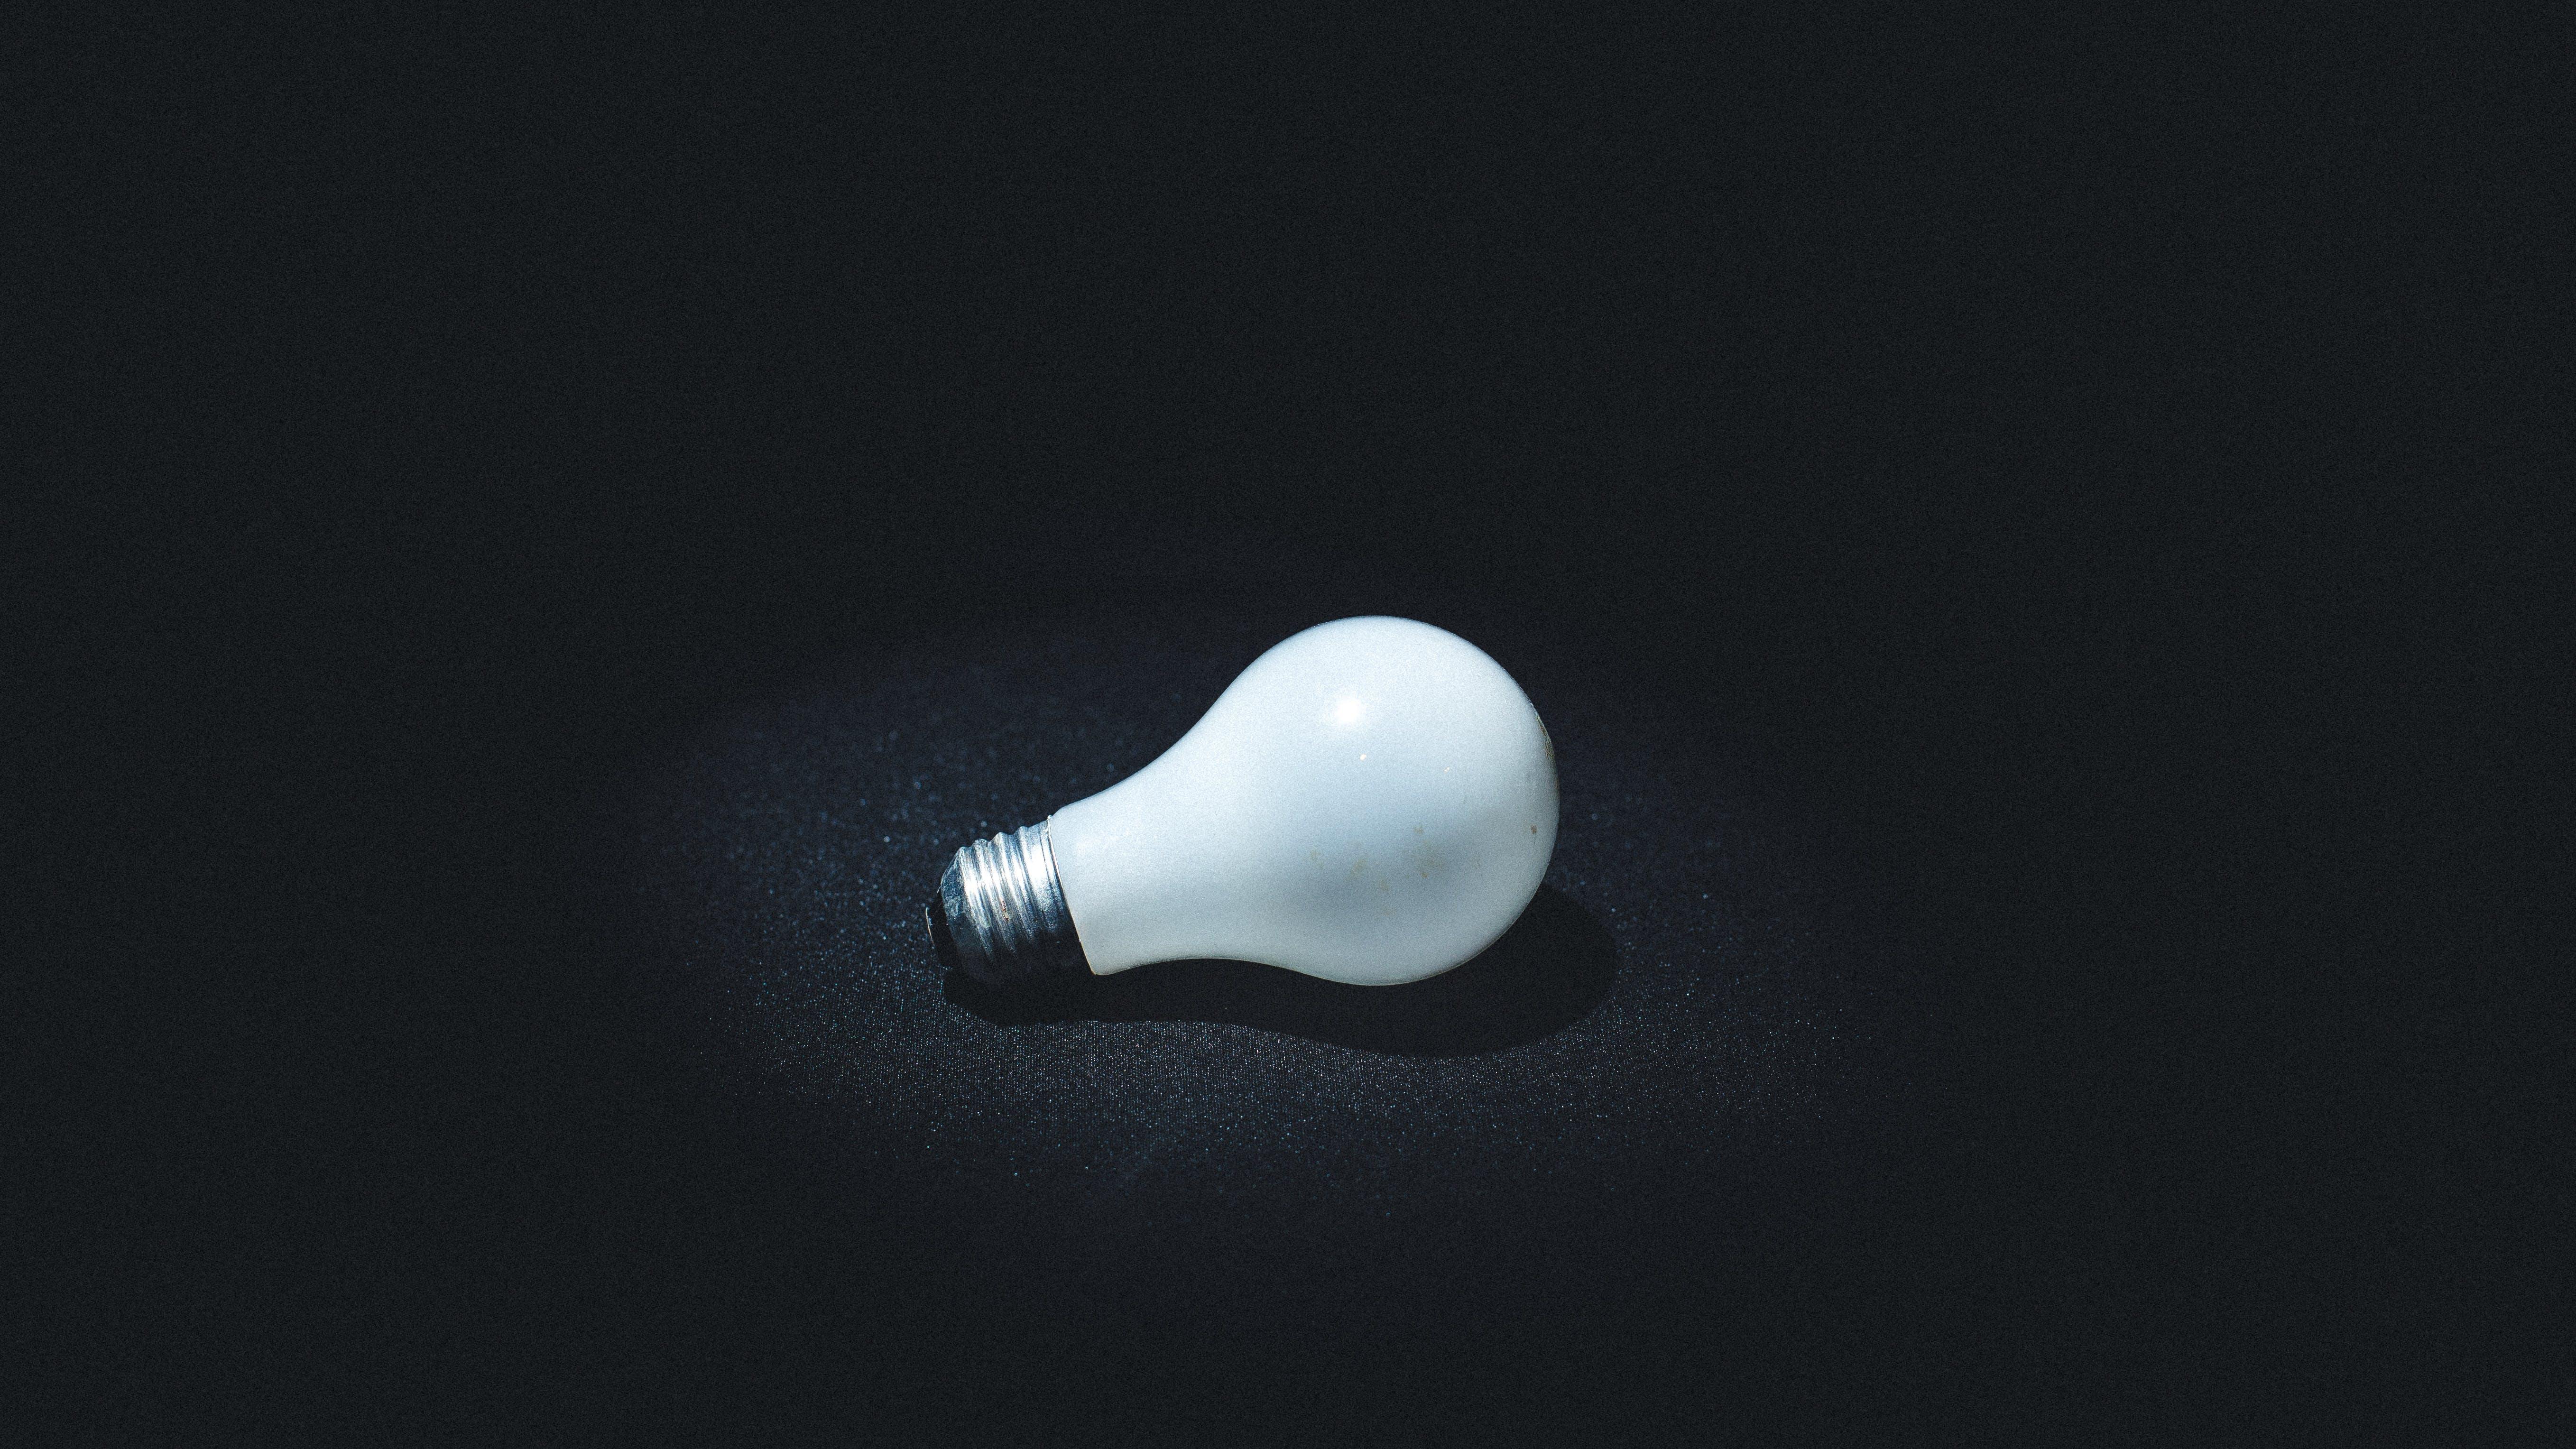 Kostenloses Stock Foto zu die glühbirne, dunkel, elektrizität, fokus